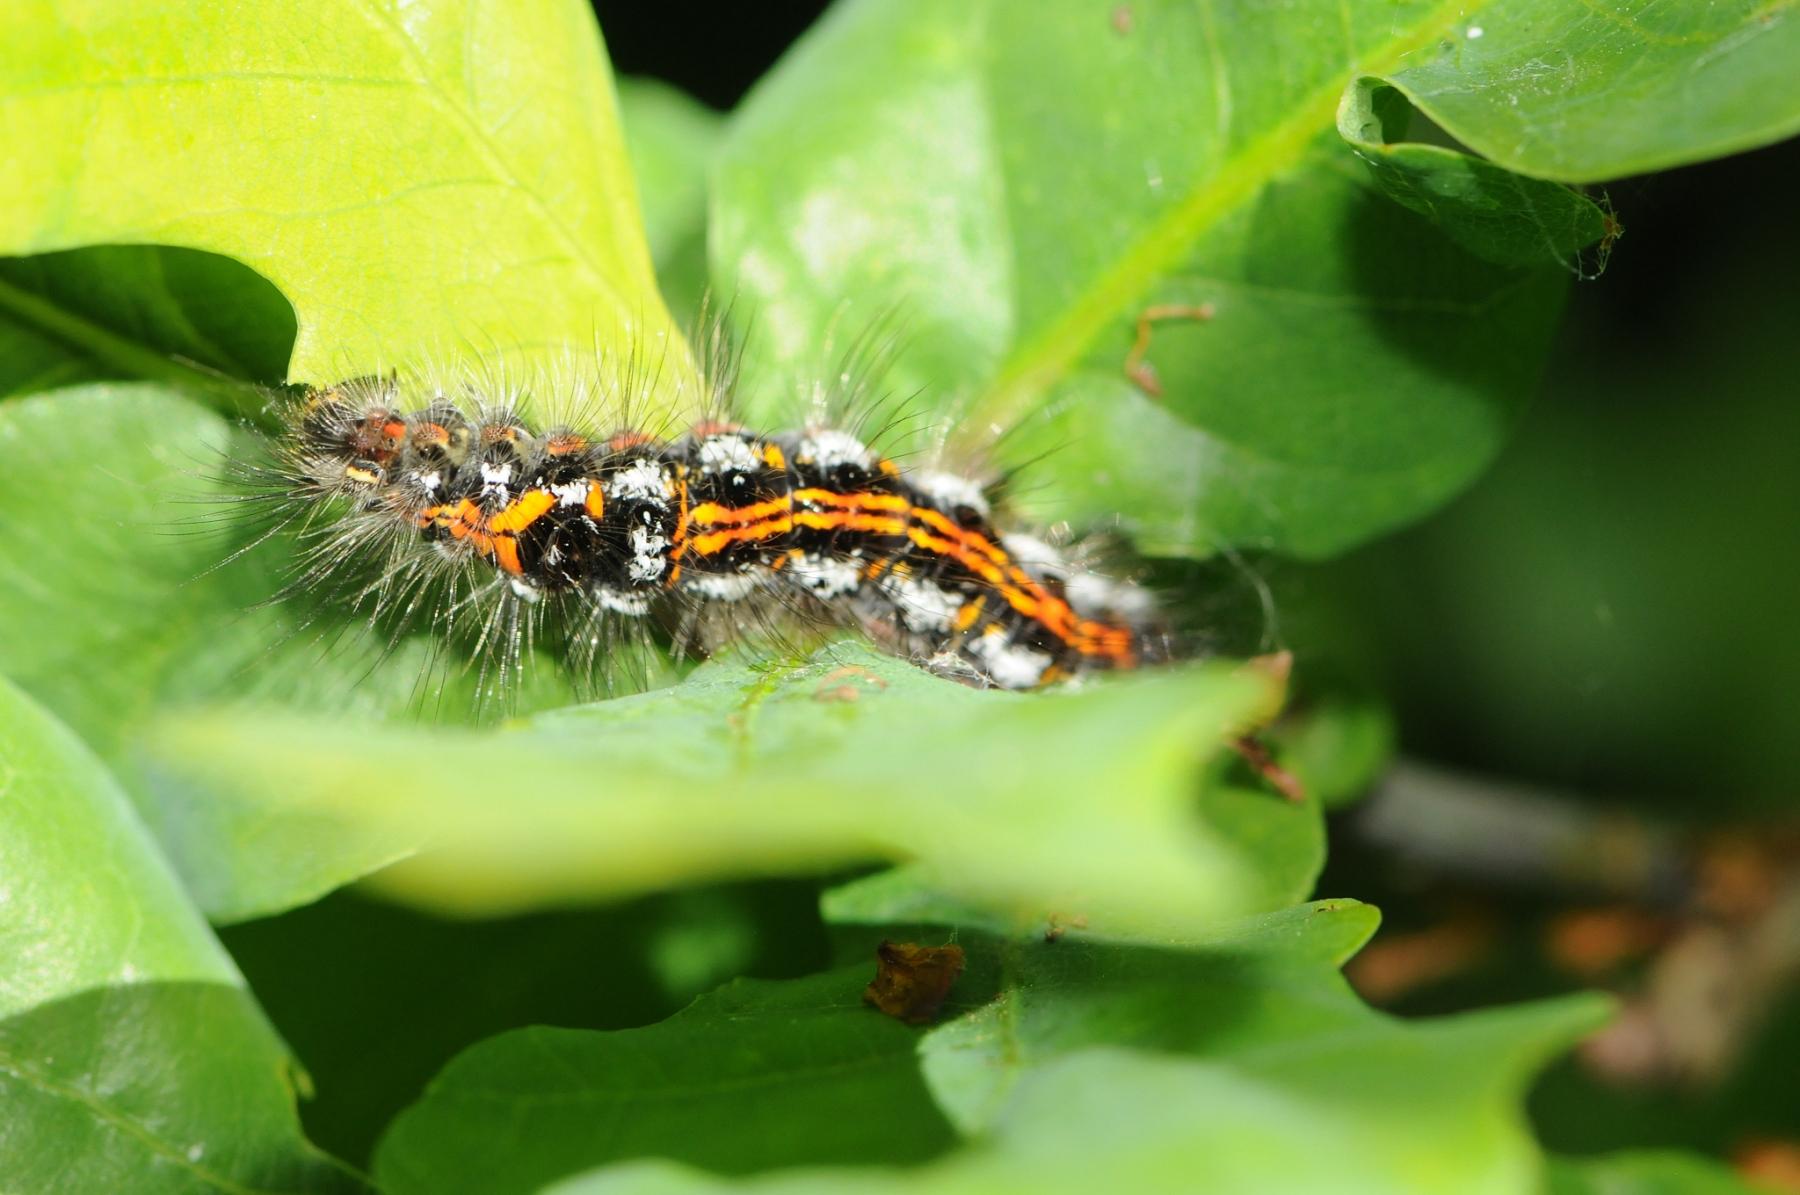 Caterpillar of Yellow-tail Moth - Euproctis simillis, Denaby Ings